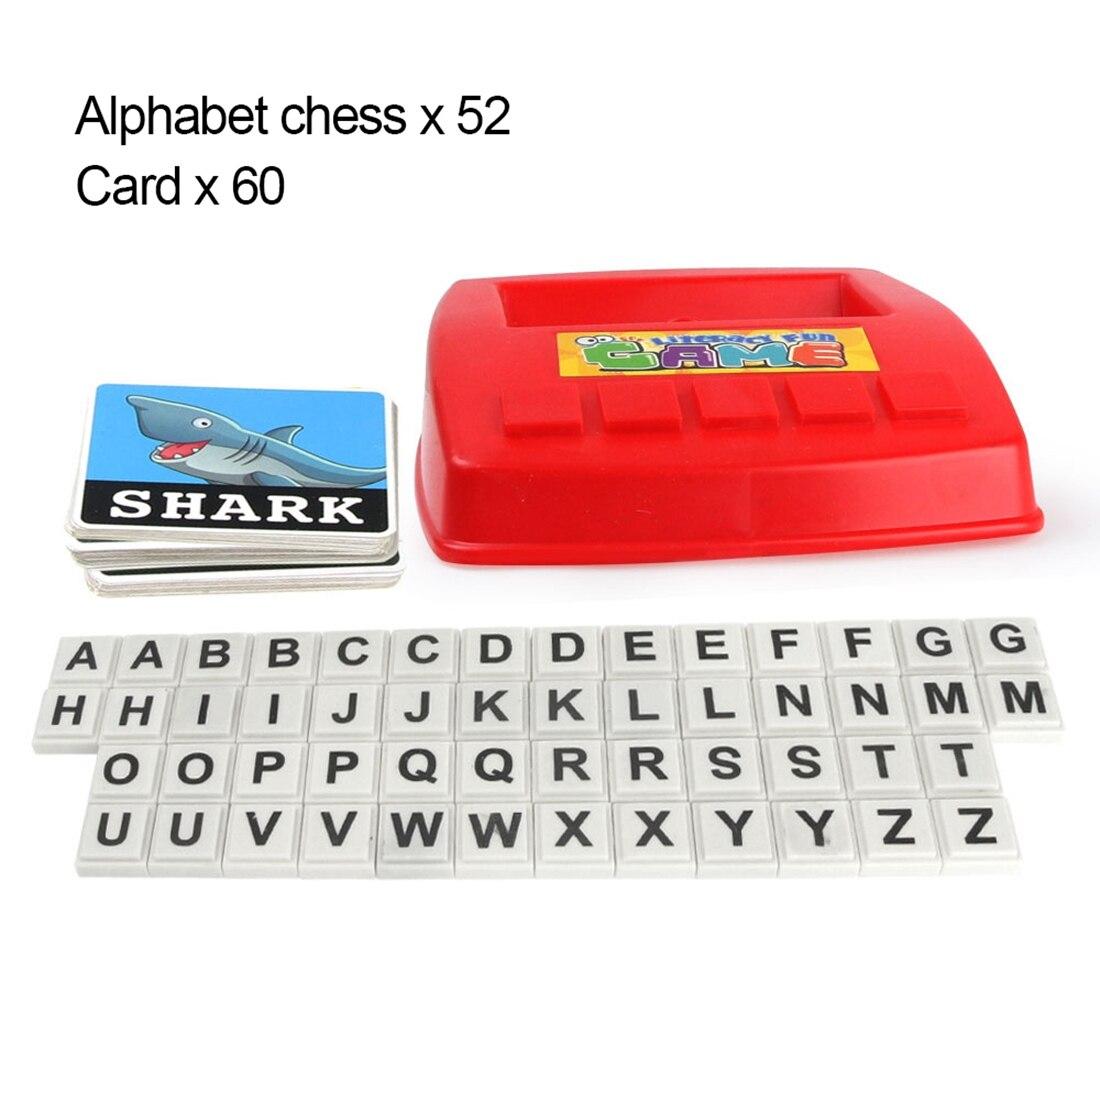 Lcll-inglês palavra máquina de aprendizagem educacional brinquedo cartão carta palavra inglês interativo imagem alfabetização cartão crianças